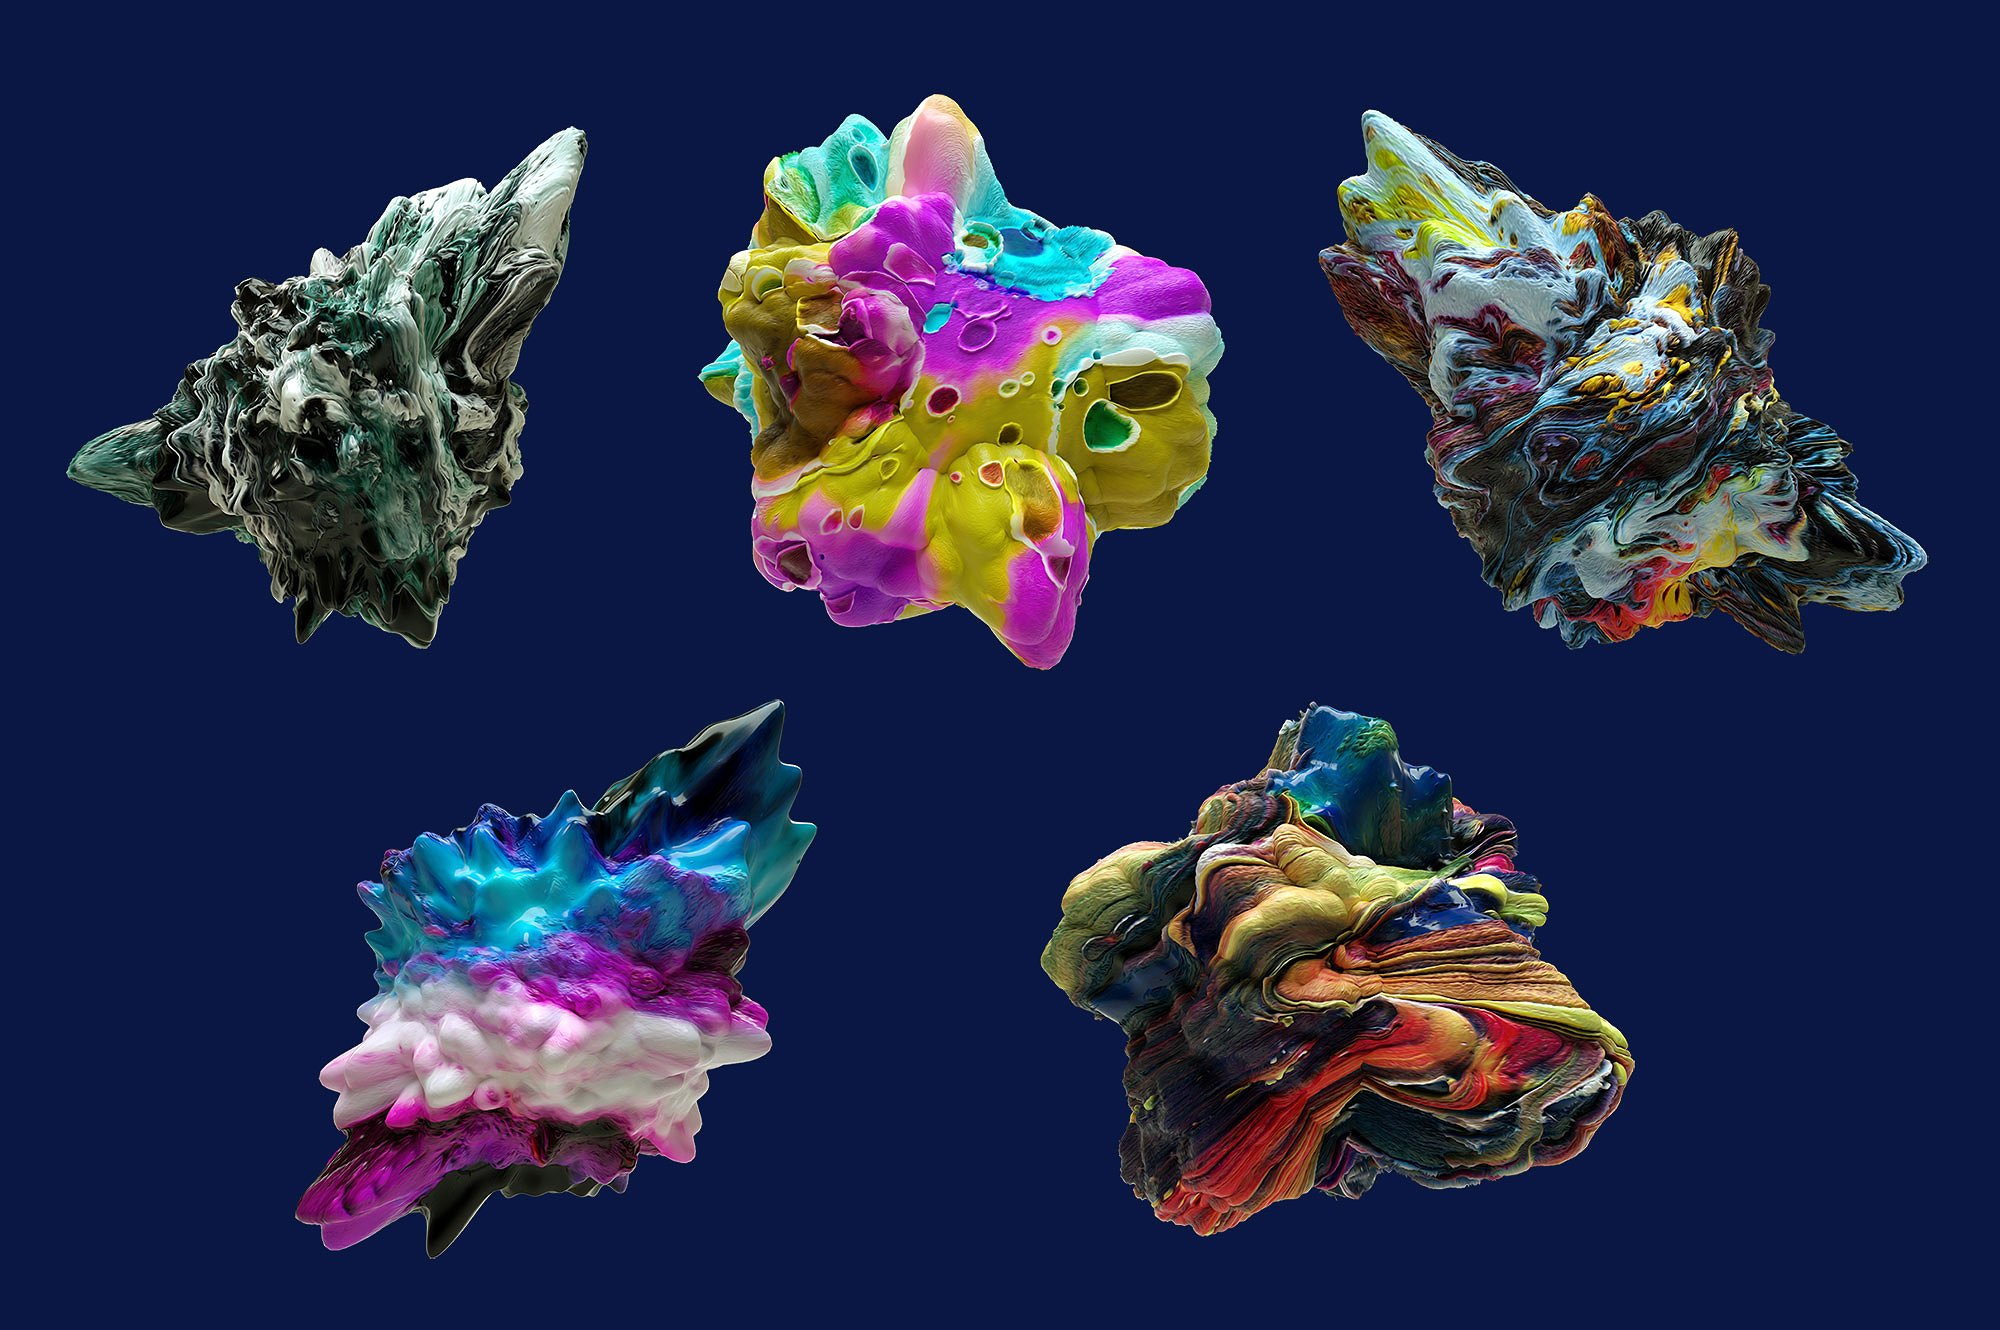 创意抽象纹理系列:15款高清3D抽象纹理&笔刷 3D Mirage, Vol. 1 (Exclusive)插图9